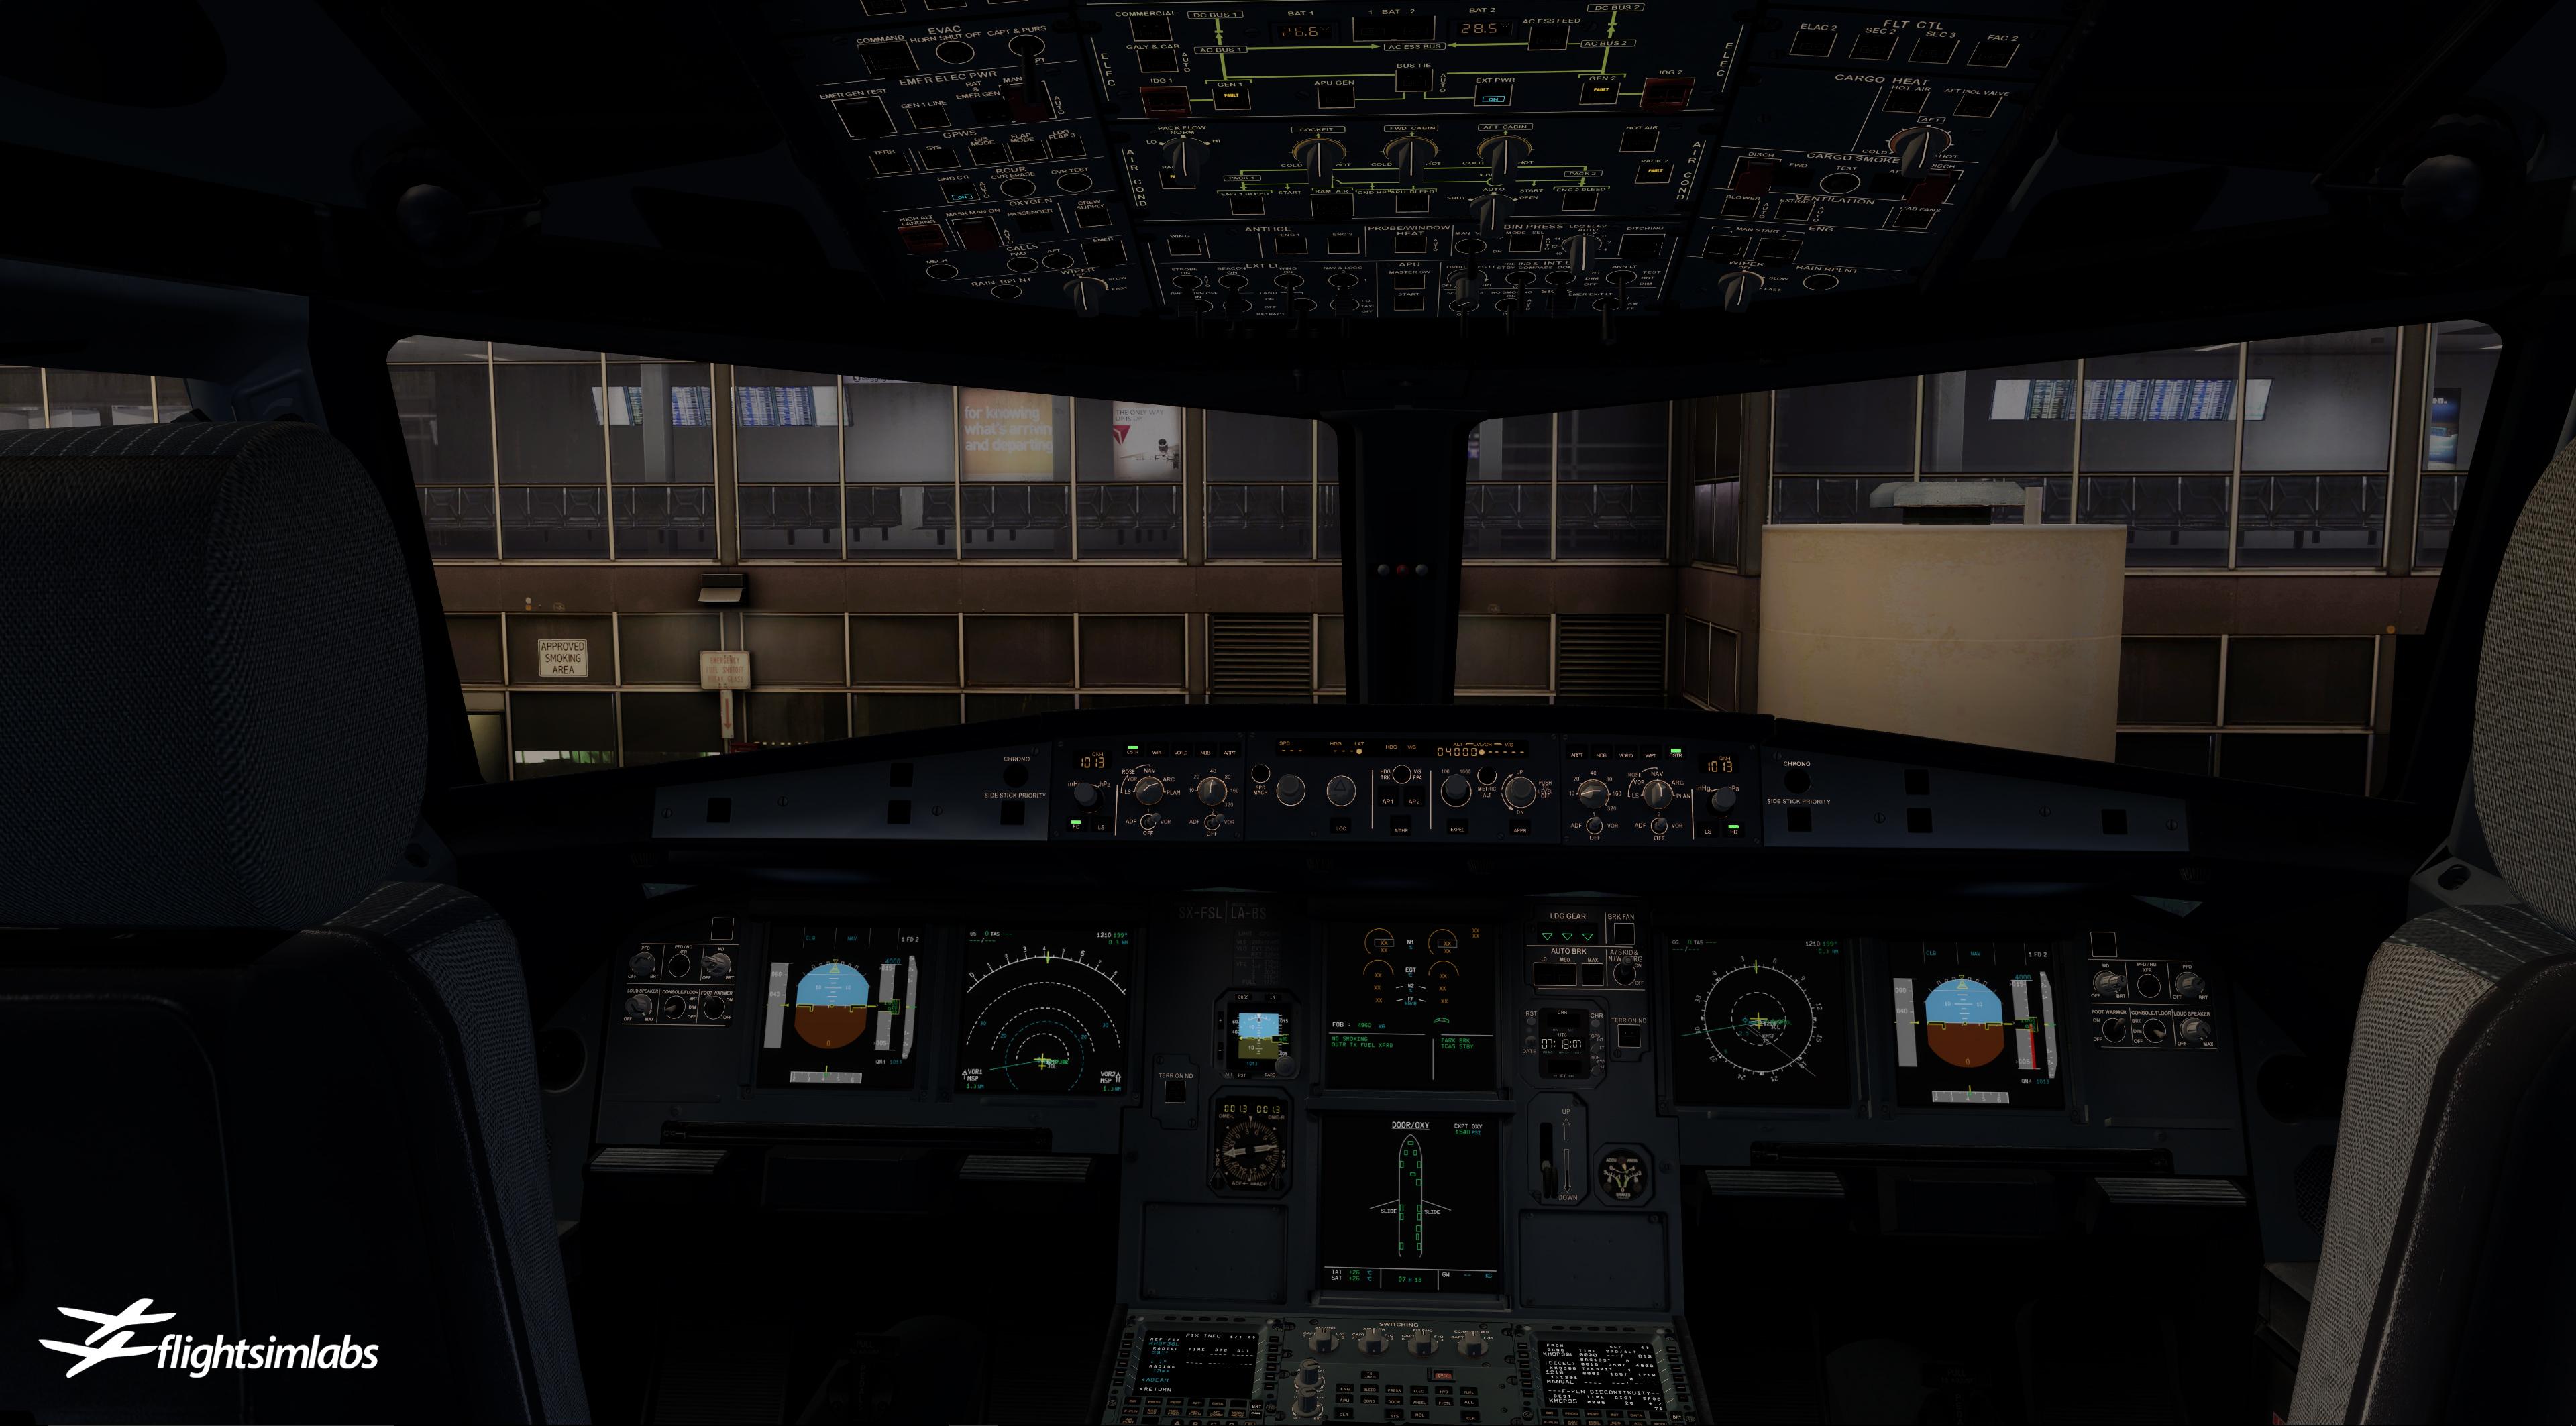 FSL_A320_V4_VC_5.jpg